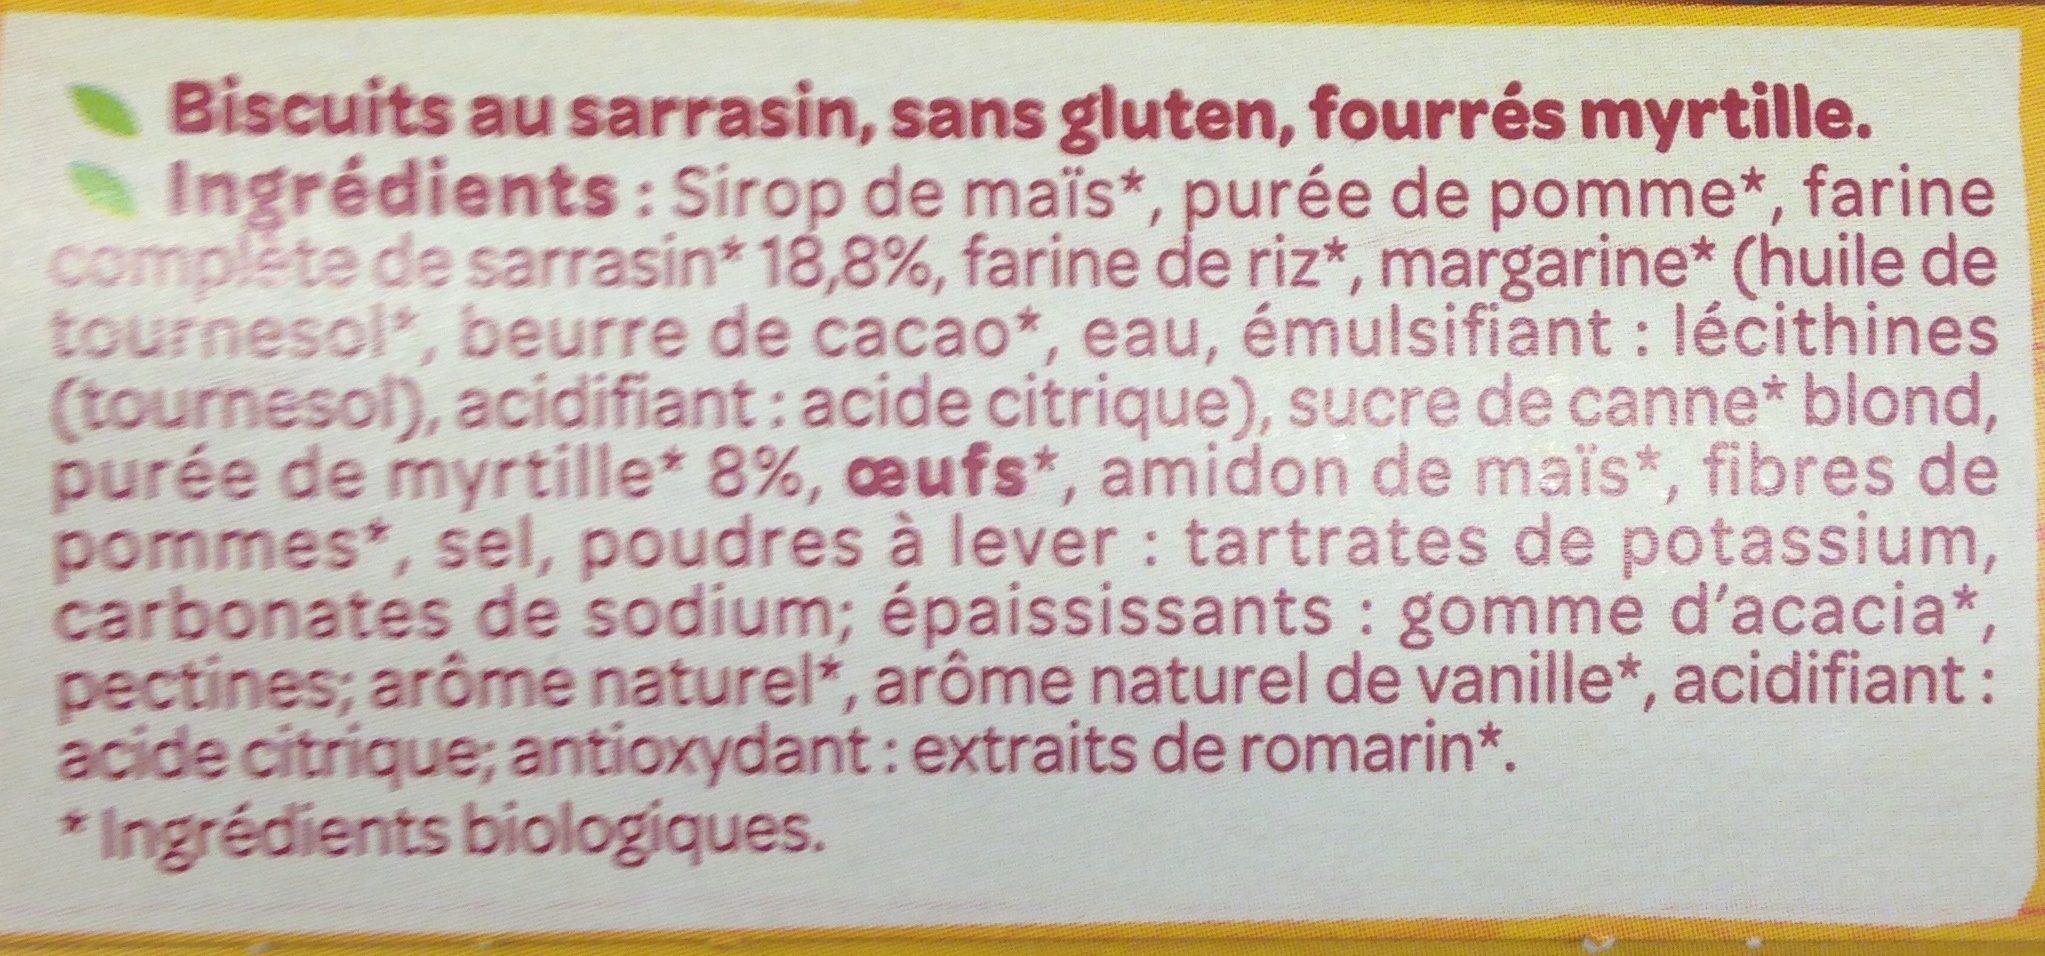 Petit fourré myrtille - Ingredients